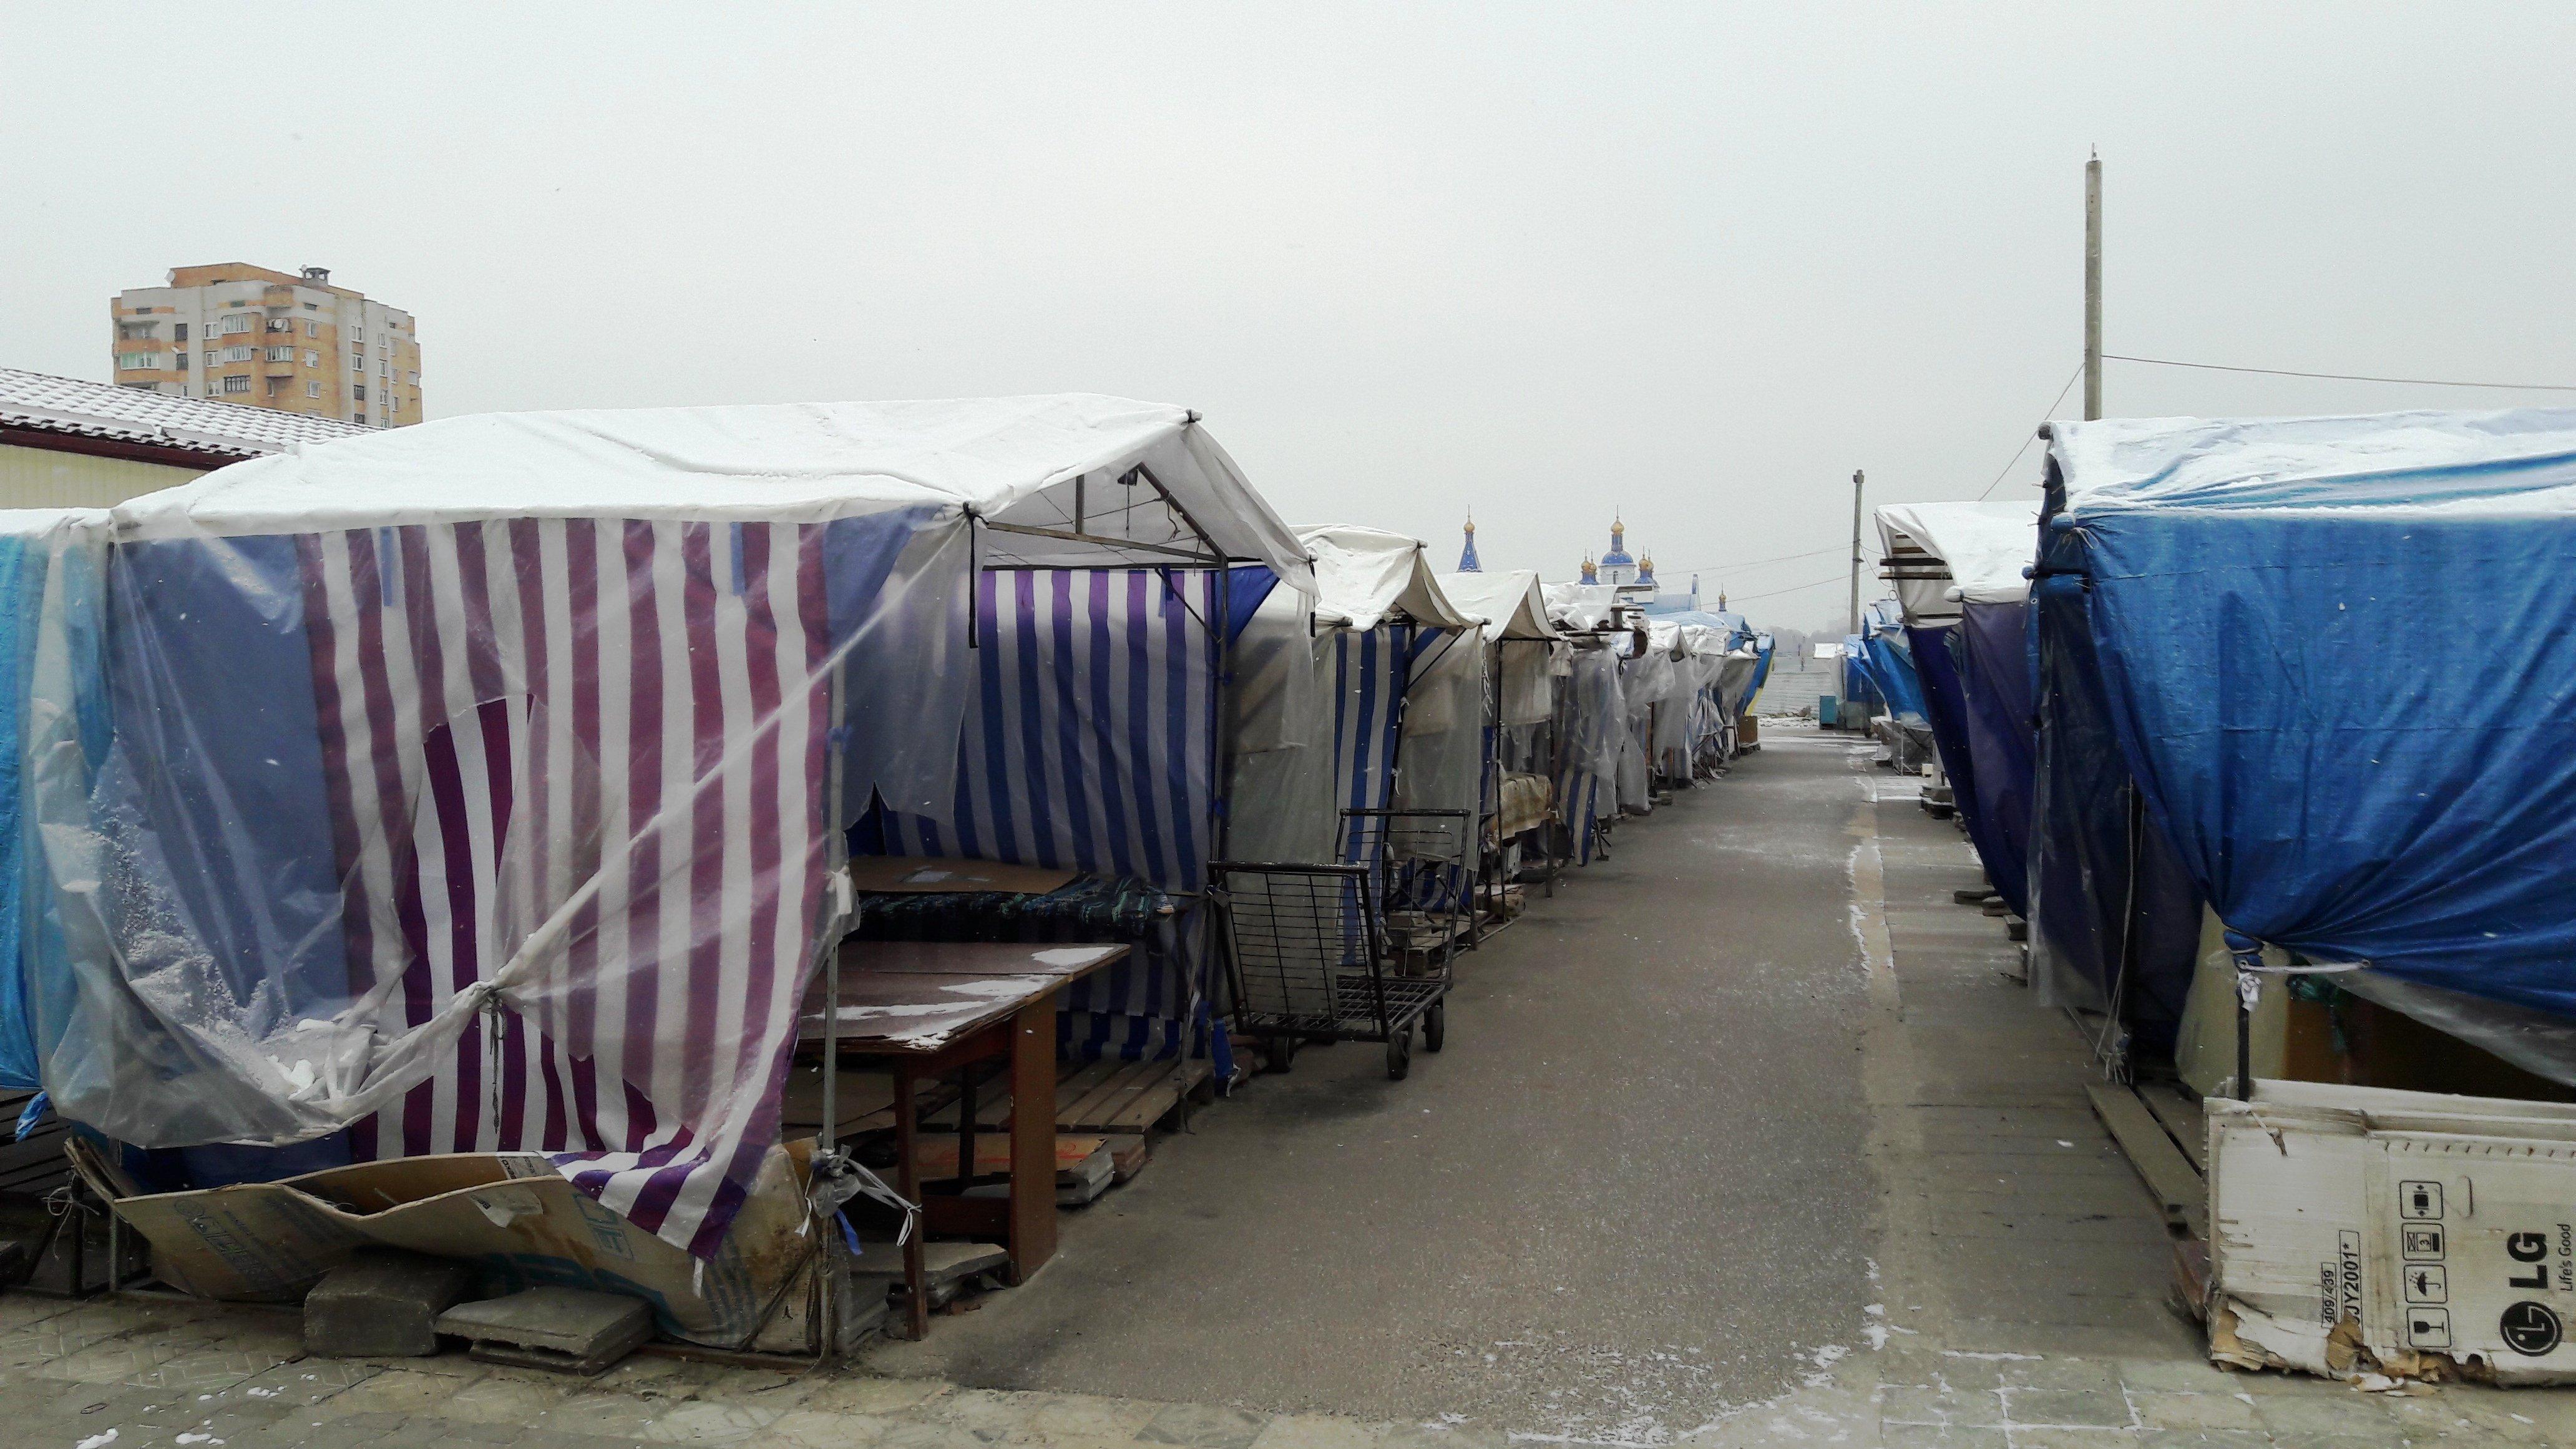 Торговые палатки на одном из рынков Бреста